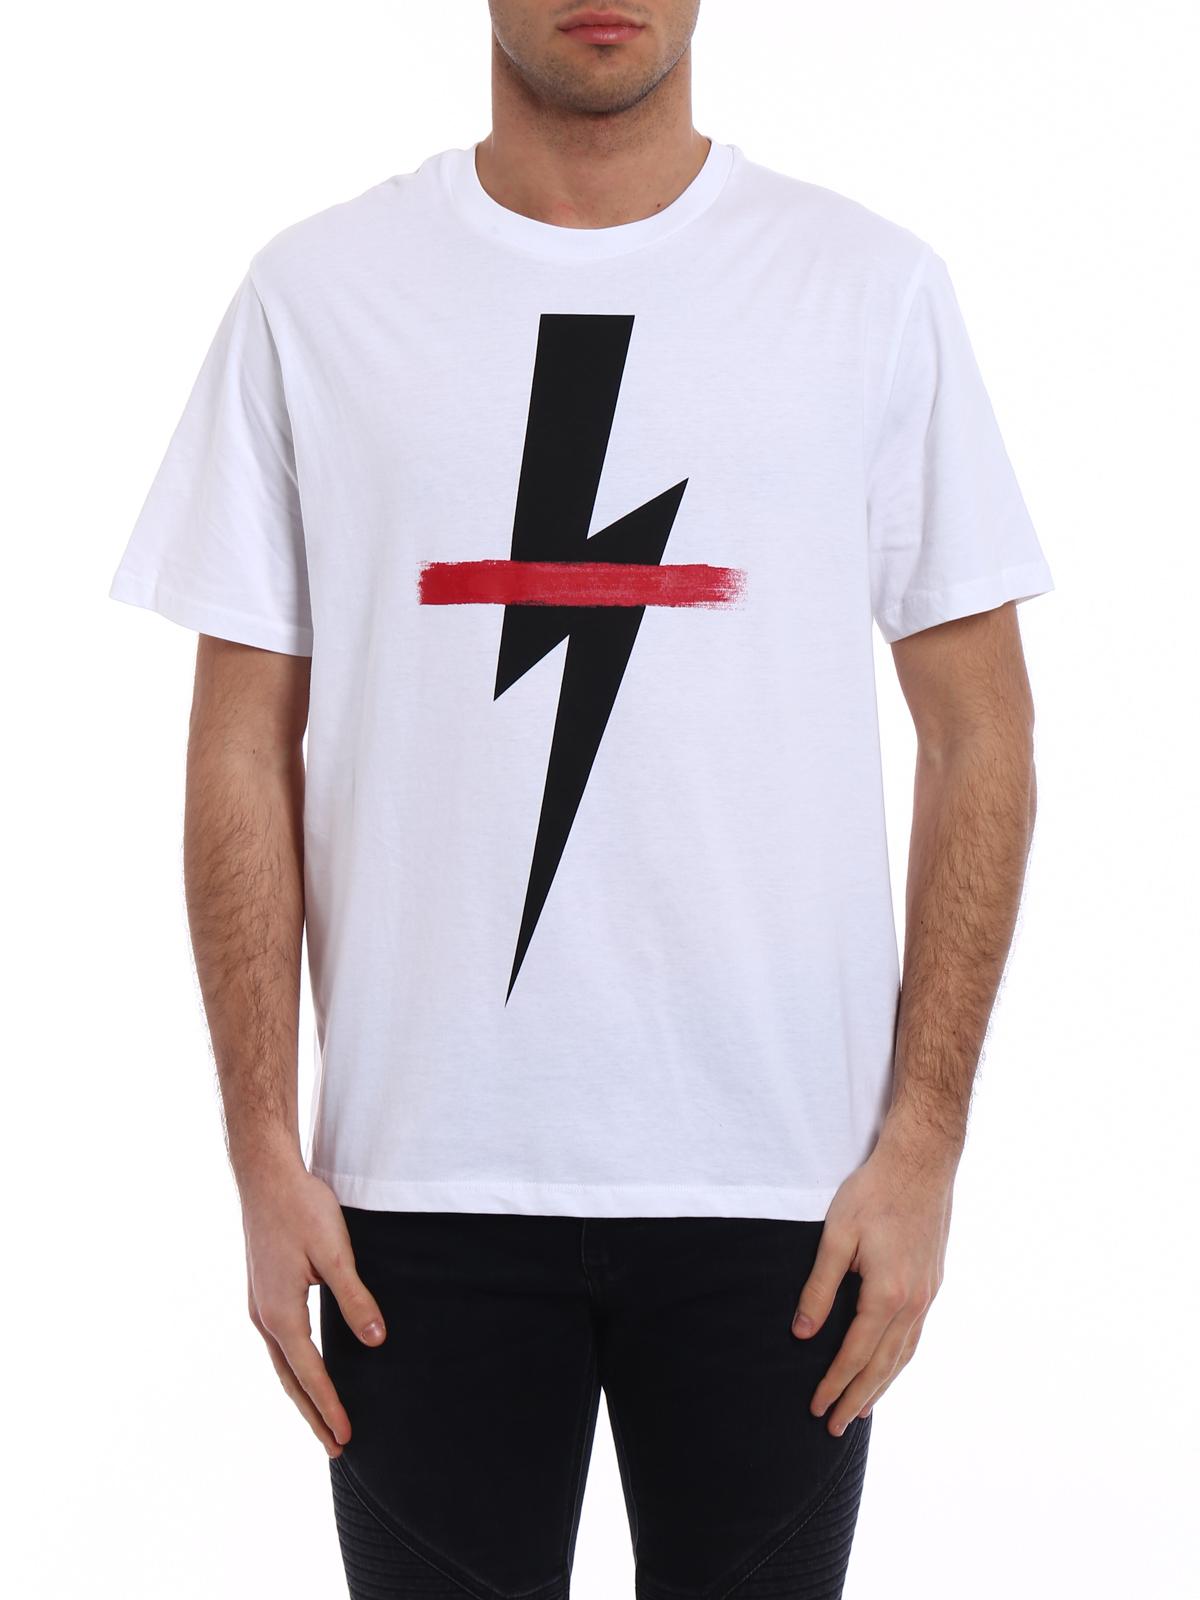 Jersey THUNDERBOLT T-shirt Spring/summer Neil Barrett nv3kTQp7h